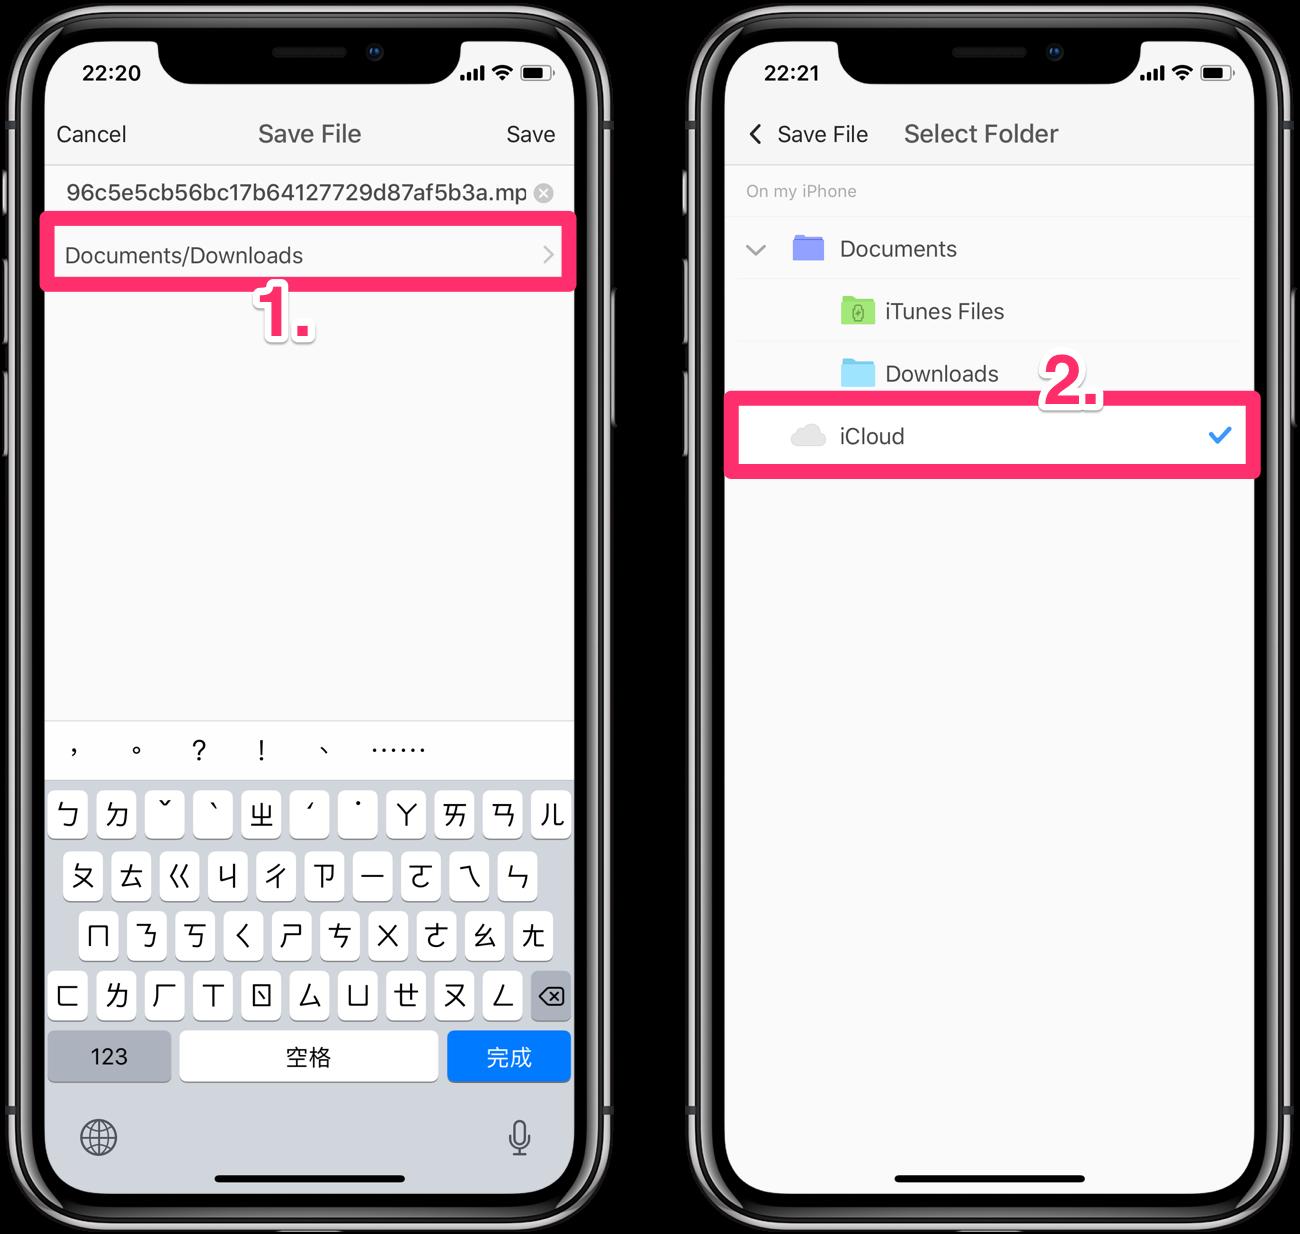 免電腦簡單自製 iPhone 鈴聲不求人 - GarageBand 篇 – APPLEFANS 蘋果迷